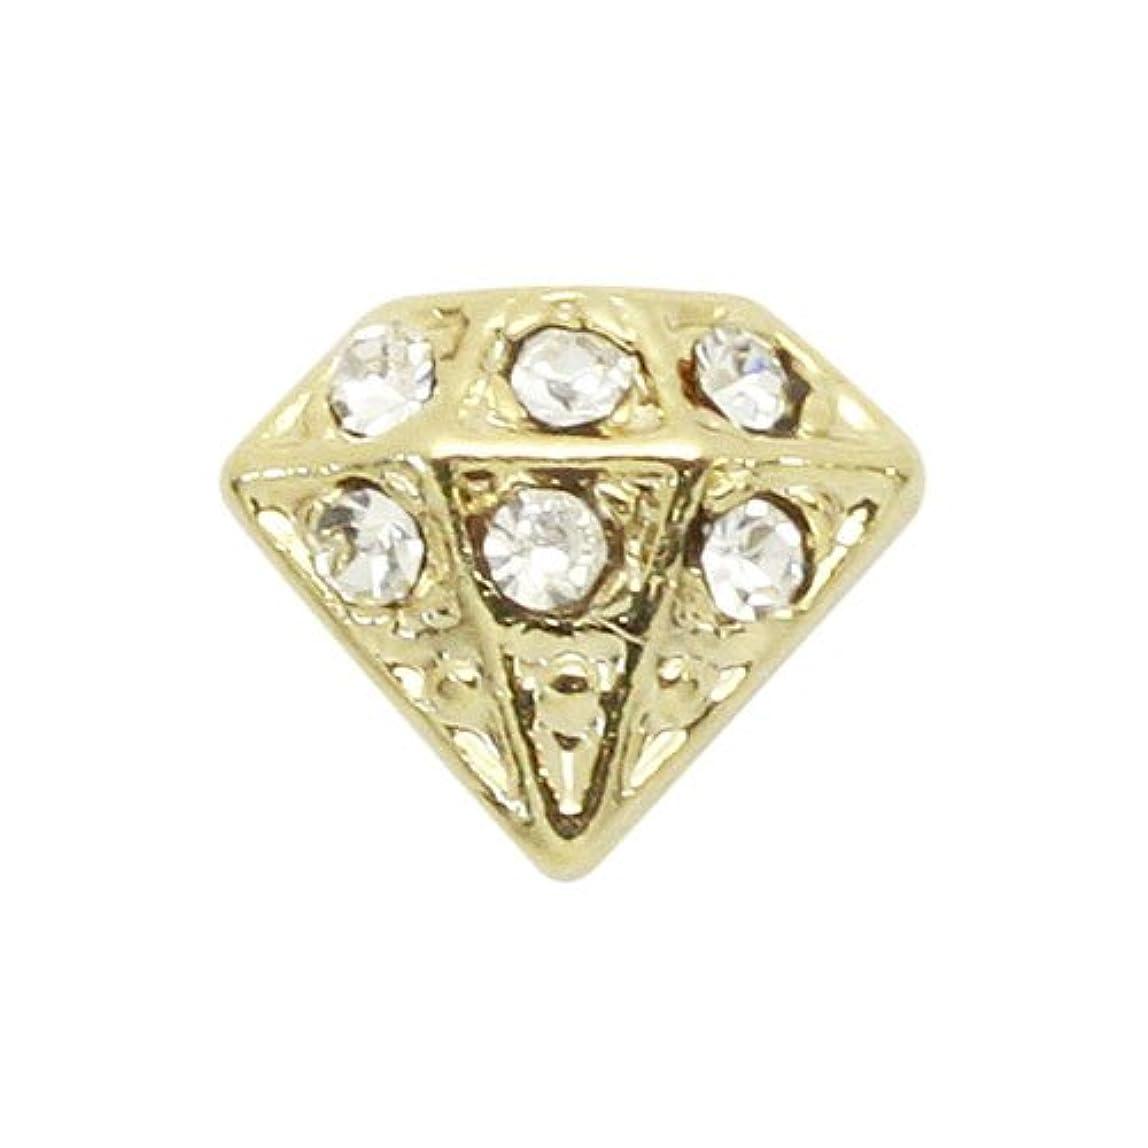 急流雄大なアジャエムプティ ネイルパーツ ダイアモンド A191 1個